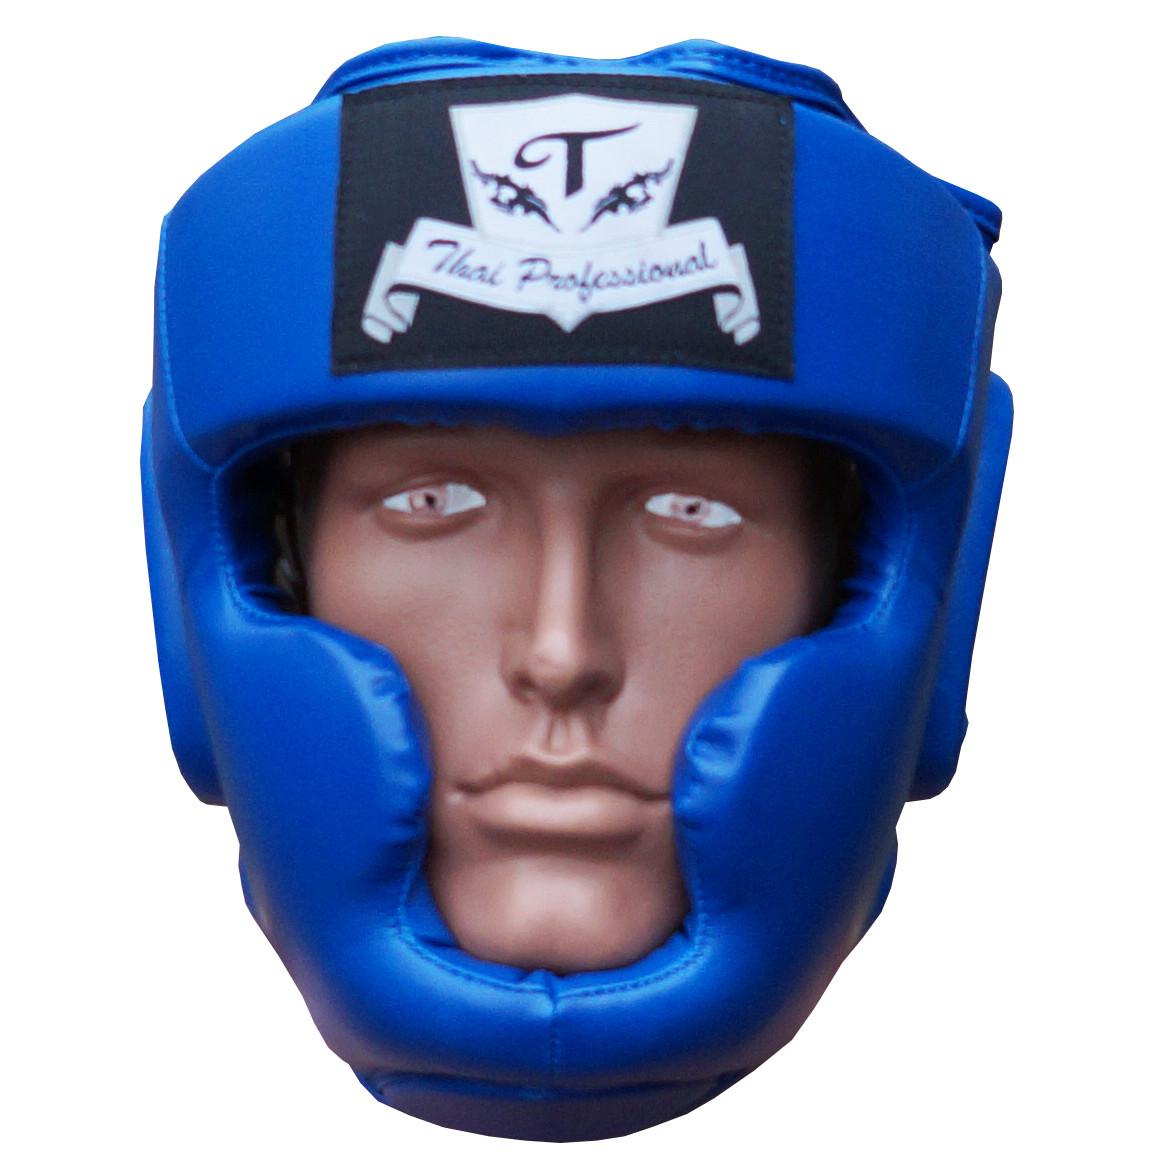 Шлем боксерский для тренировок Thai Professional HG3L BLUE